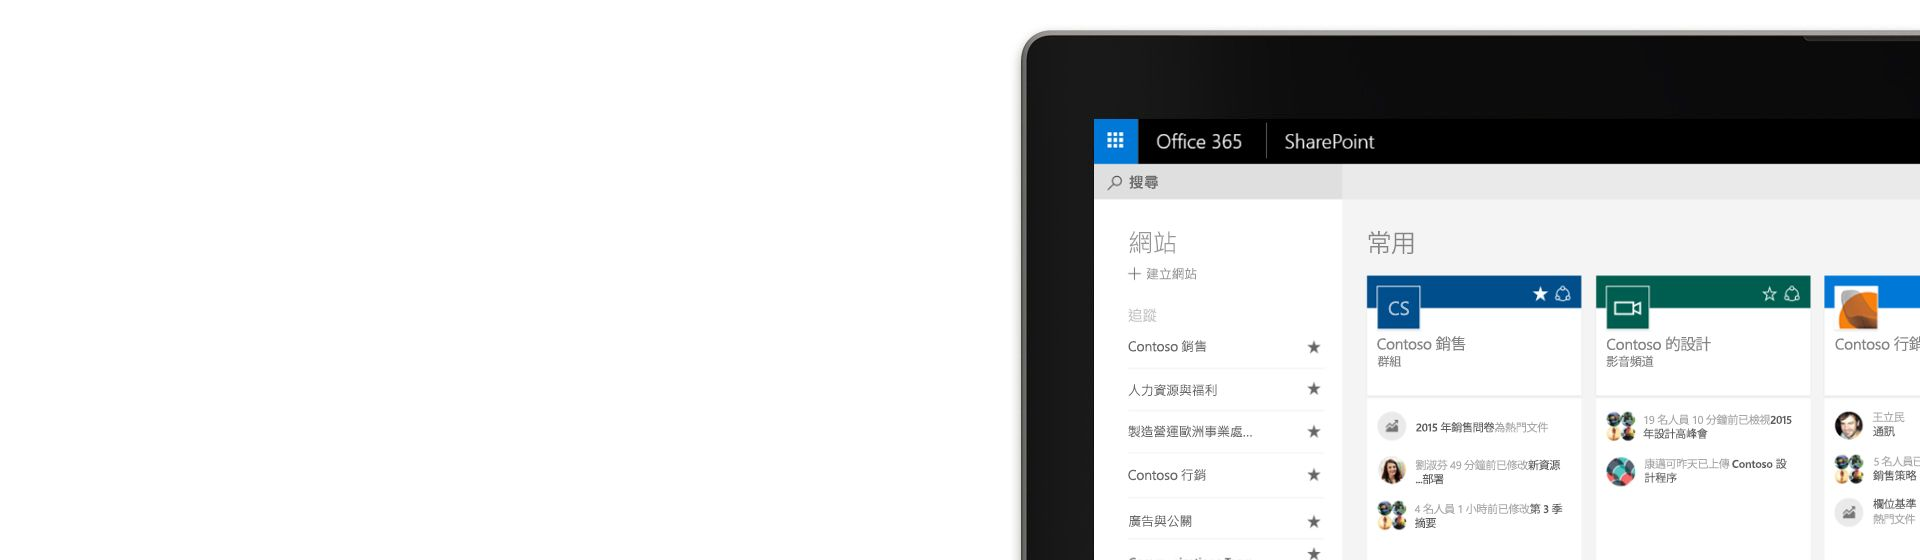 顯示 SharePoint 中的小組網站清單的電腦螢幕一角